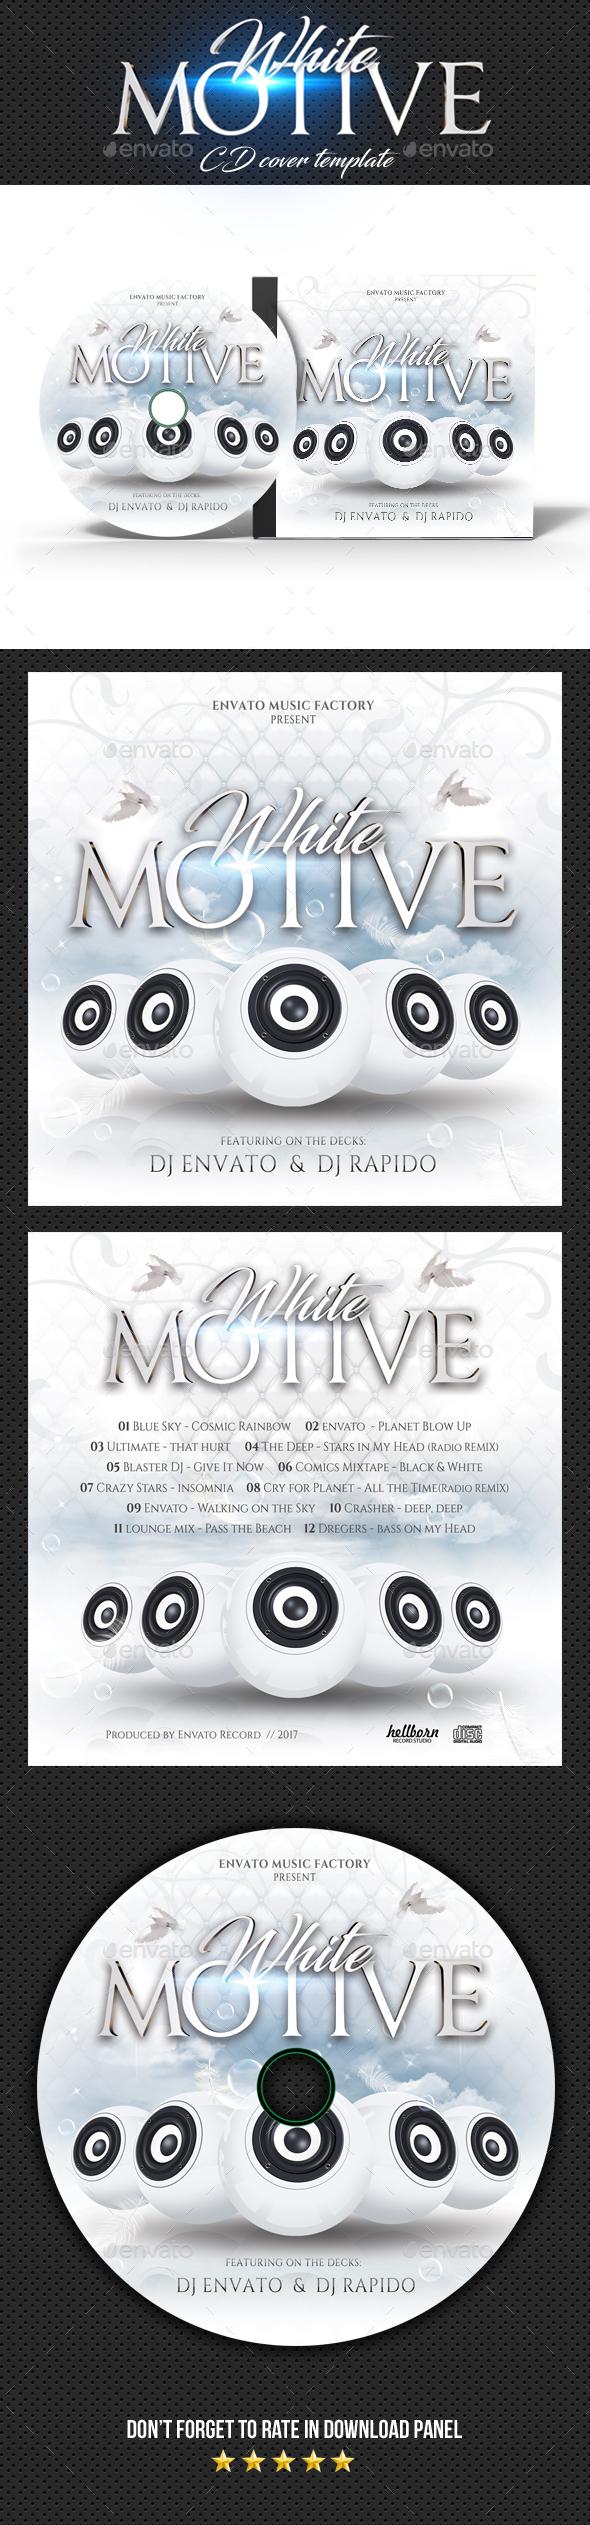 White Motive CD Cover - CD & DVD Artwork Print Templates